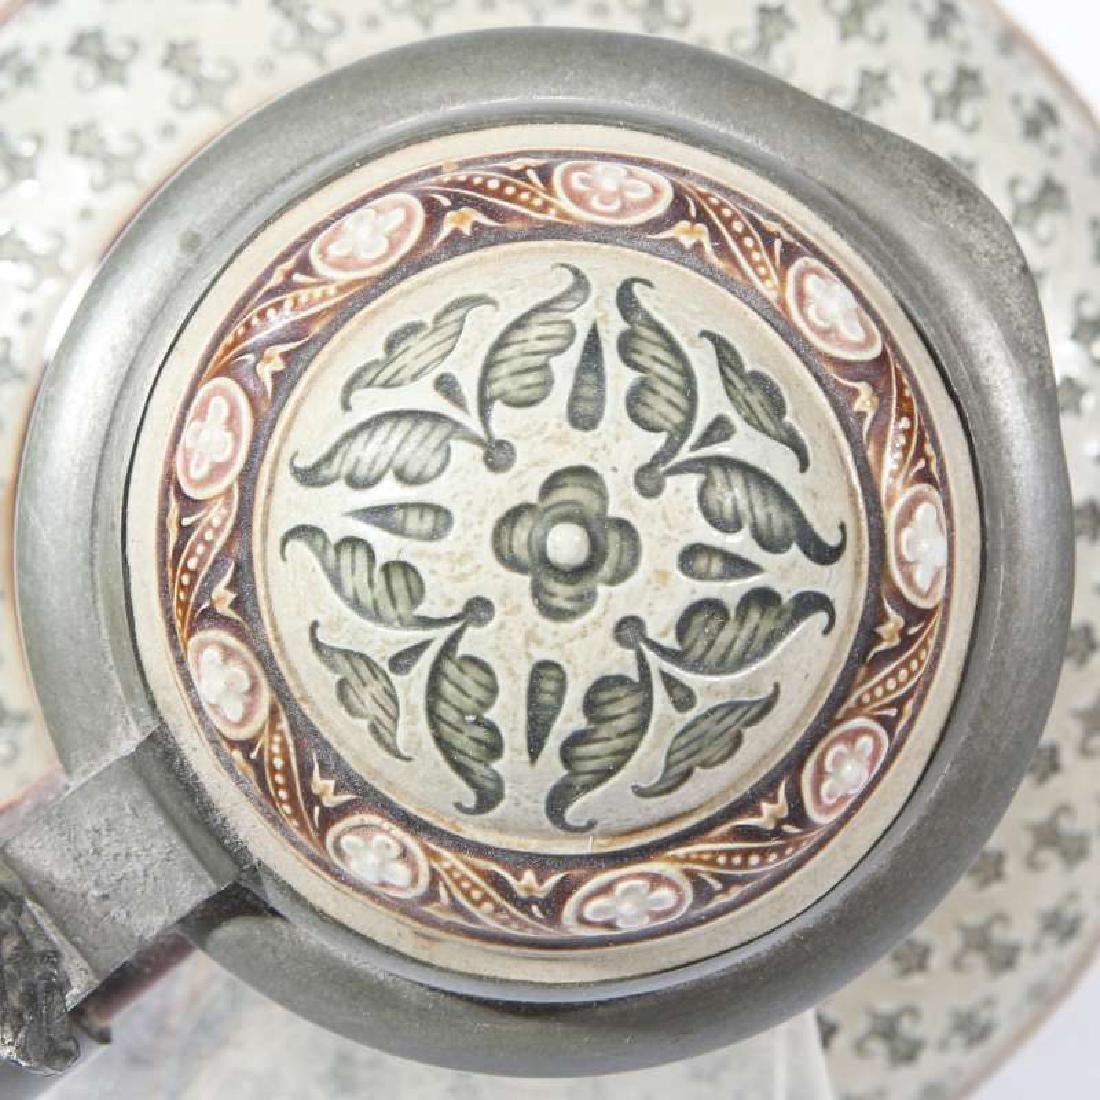 METTLACH MOSAIC MASTER STEIN NUMBER 1771 - 6